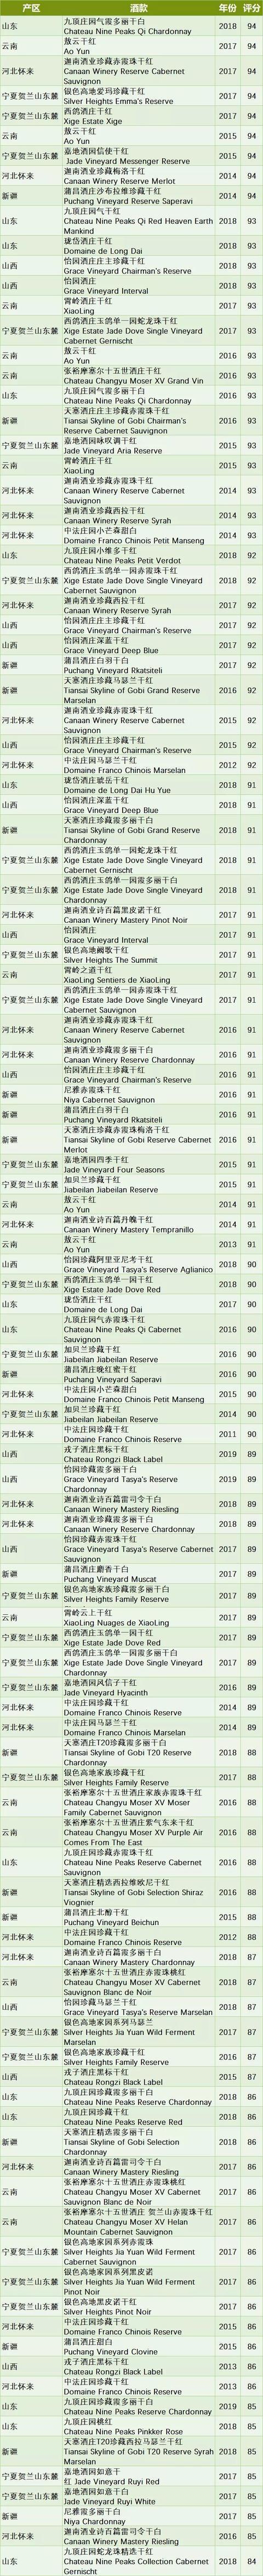 《葡萄酒倡导家》发布中国葡萄酒专题,112 款国产葡萄酒分数公布